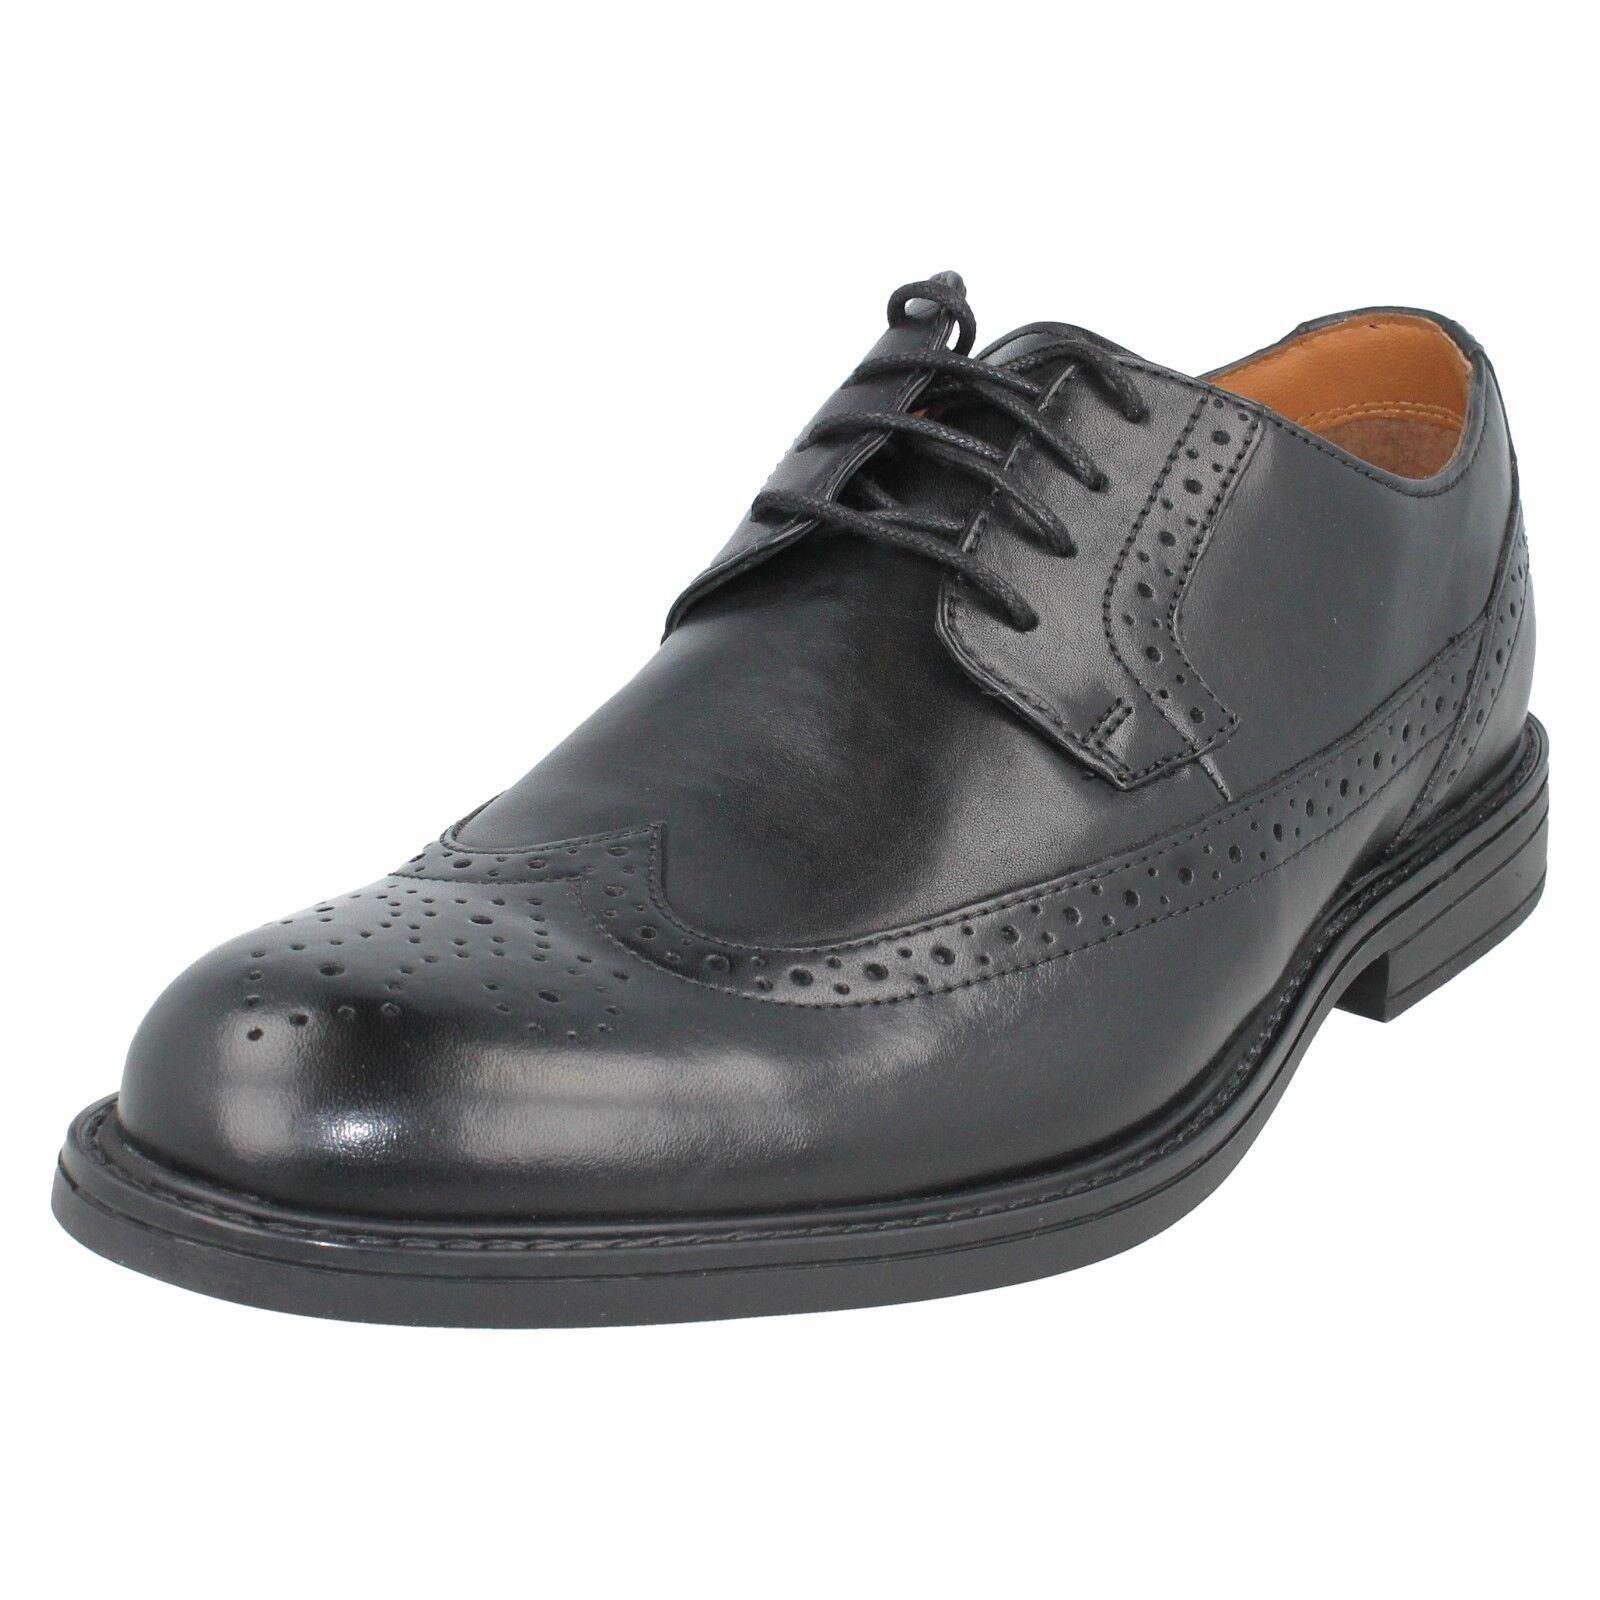 Herren Clarks Schnürsenkel Leder Works formelle Halbschuhe Derby Schuh Größe